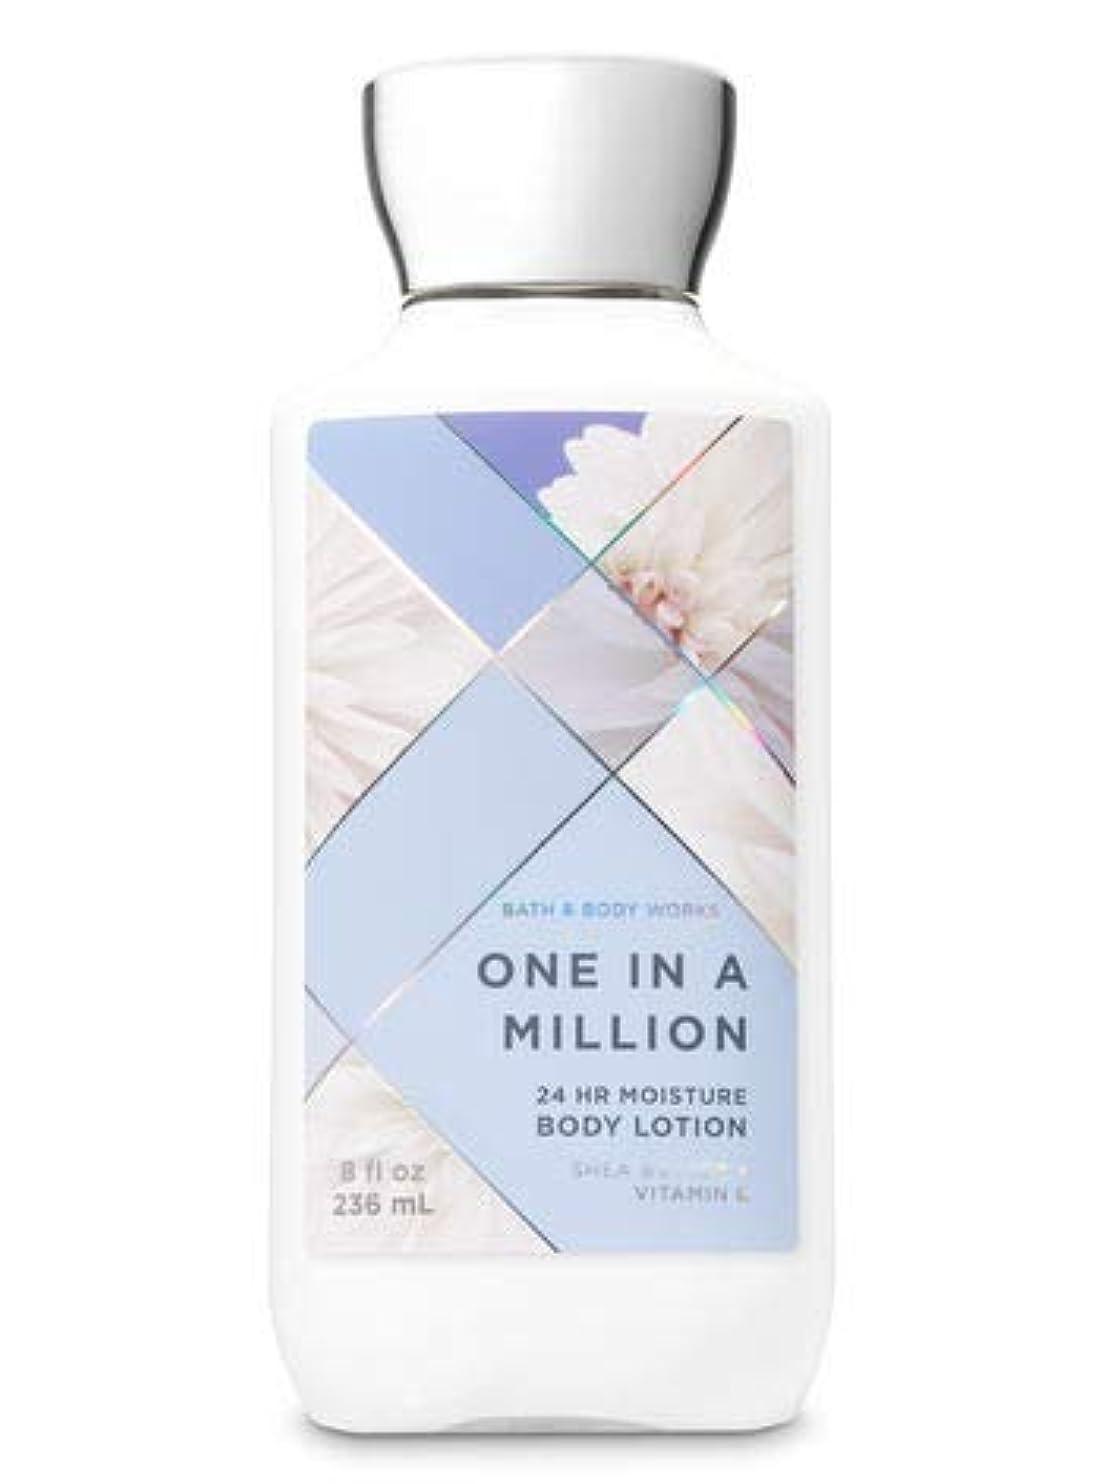 カジュアル遊びます武器【Bath&Body Works/バス&ボディワークス】 ボディローション ワンインアミリオン Super Smooth Body Lotion One in a Million 8 fl oz / 236 mL [並行輸入品]